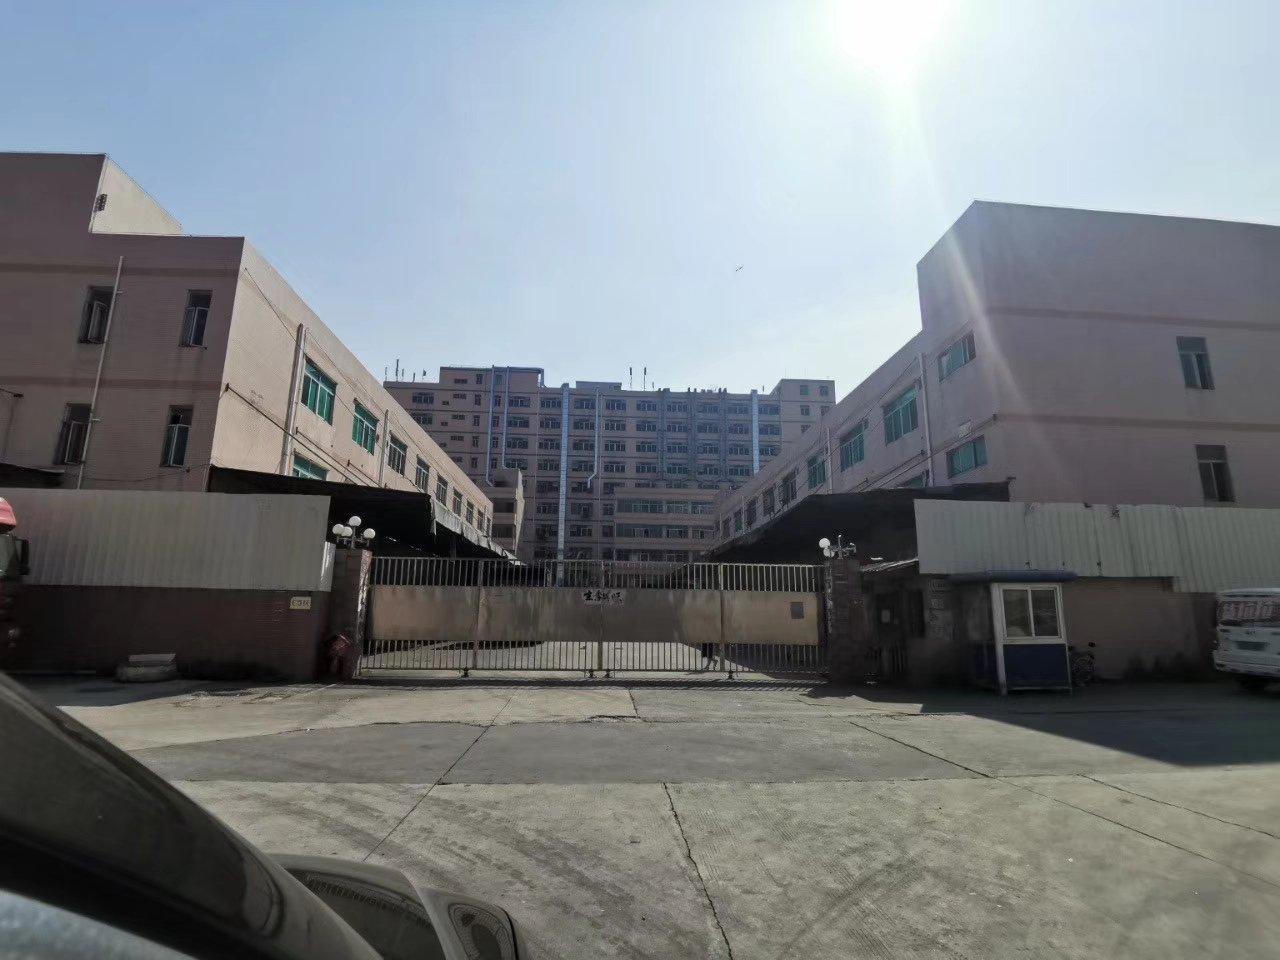 深圳平湖新出独门独院两栋1栋三层6500平米,2栋三层700